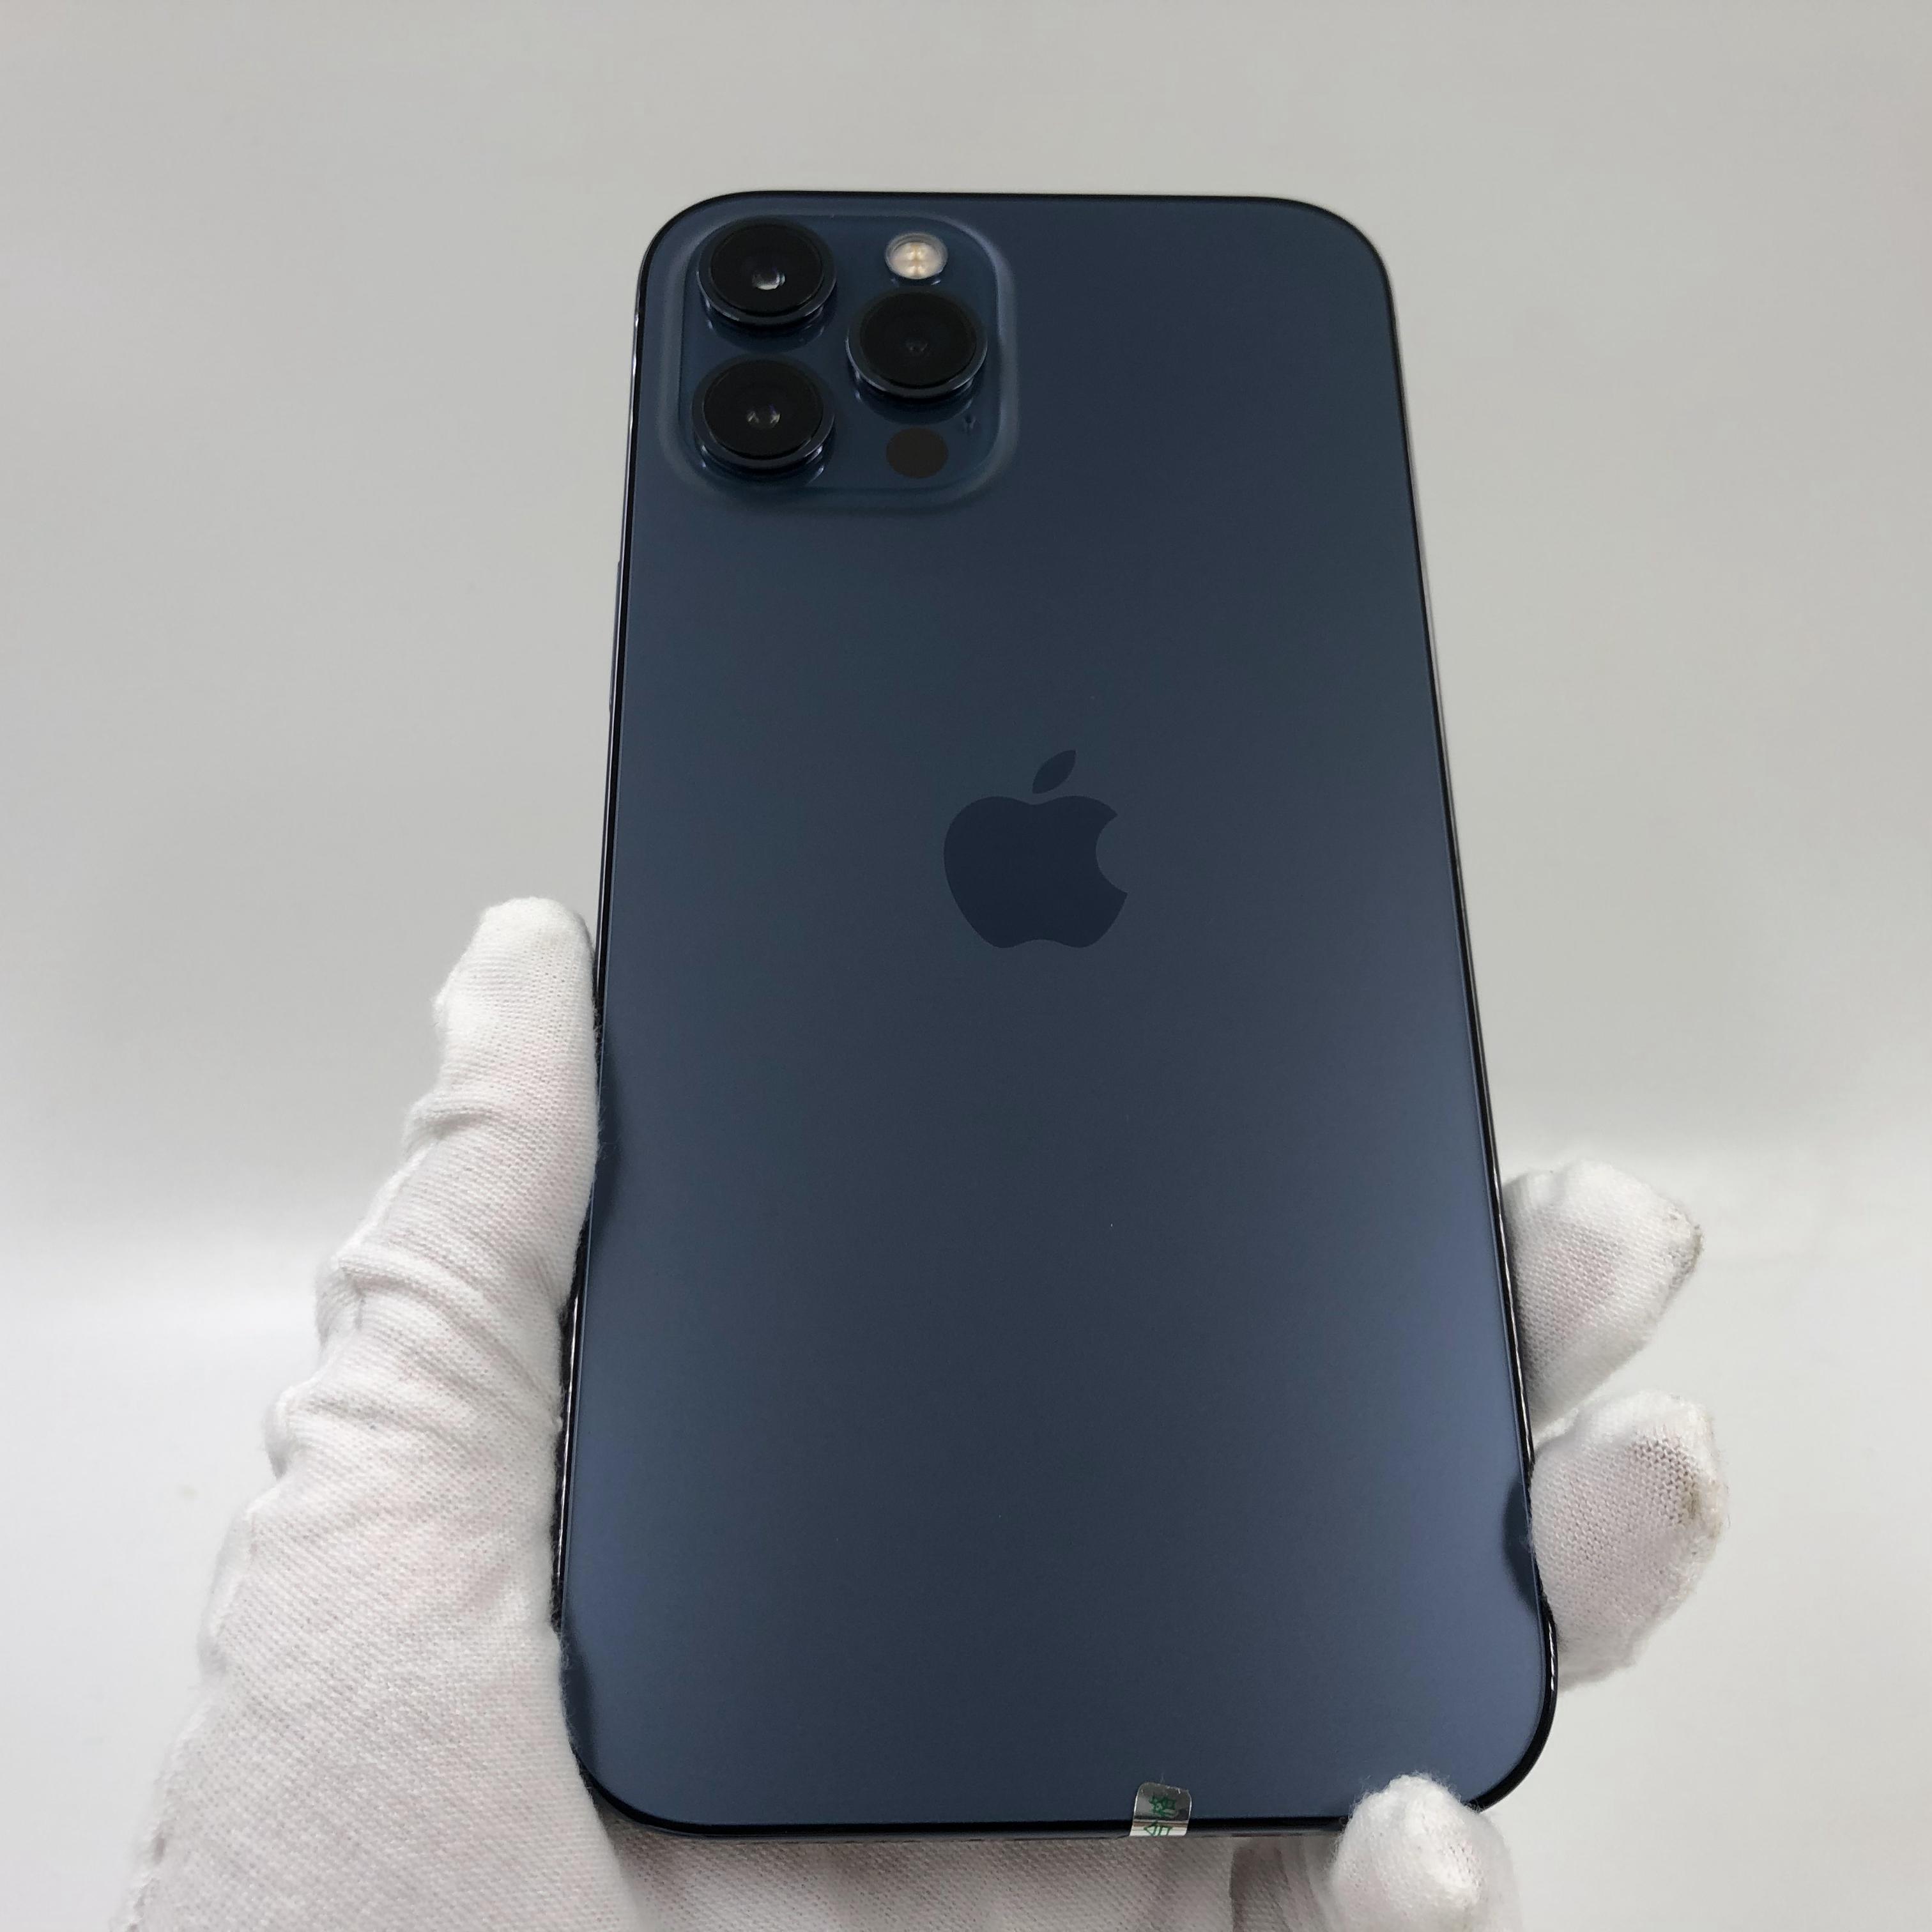 苹果【iPhone 12 Pro Max】5G全网通 海蓝色 128G 国行 99新 真机实拍官保2021-12-04v